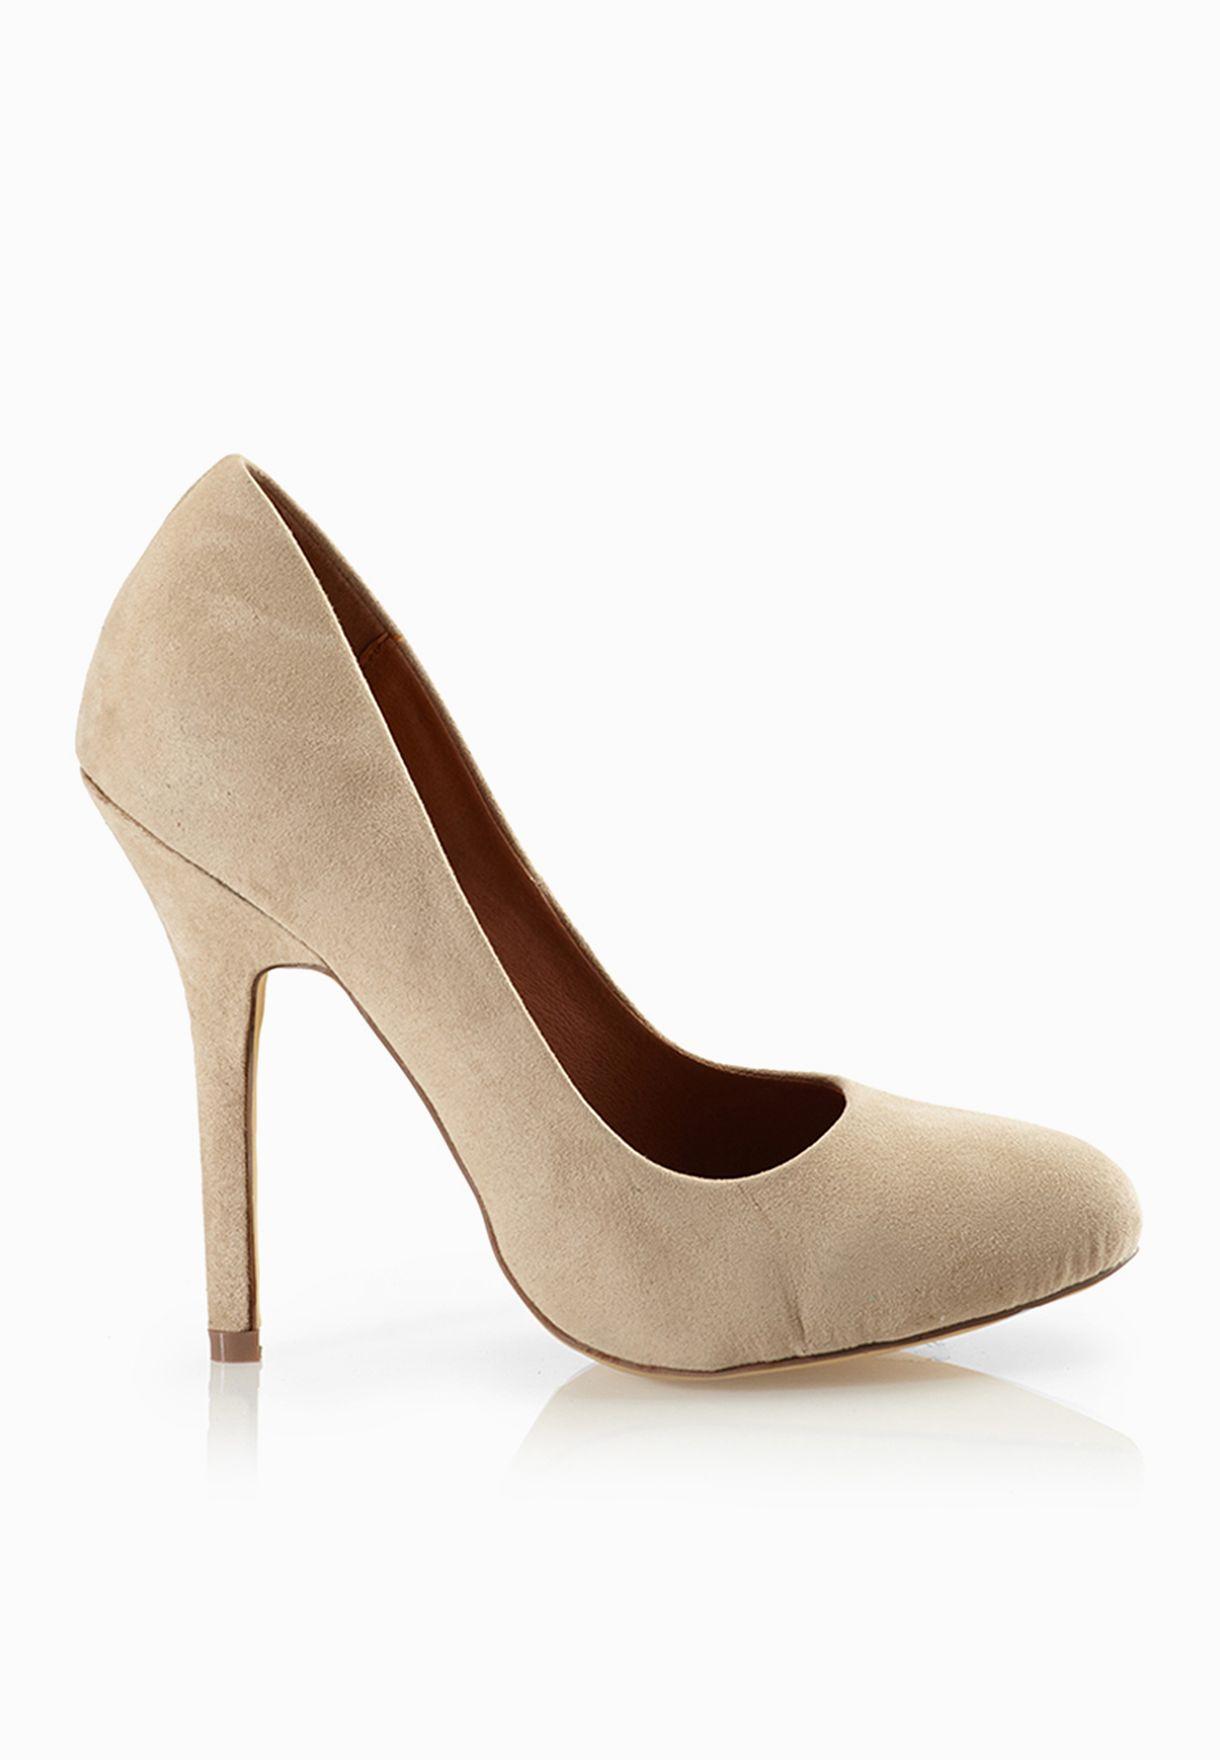 bae40dbad تسوق حذاء بكعب عالي رفيع ماركة سبير بيسيك لون بيج في قطر - SP750SH72QFB